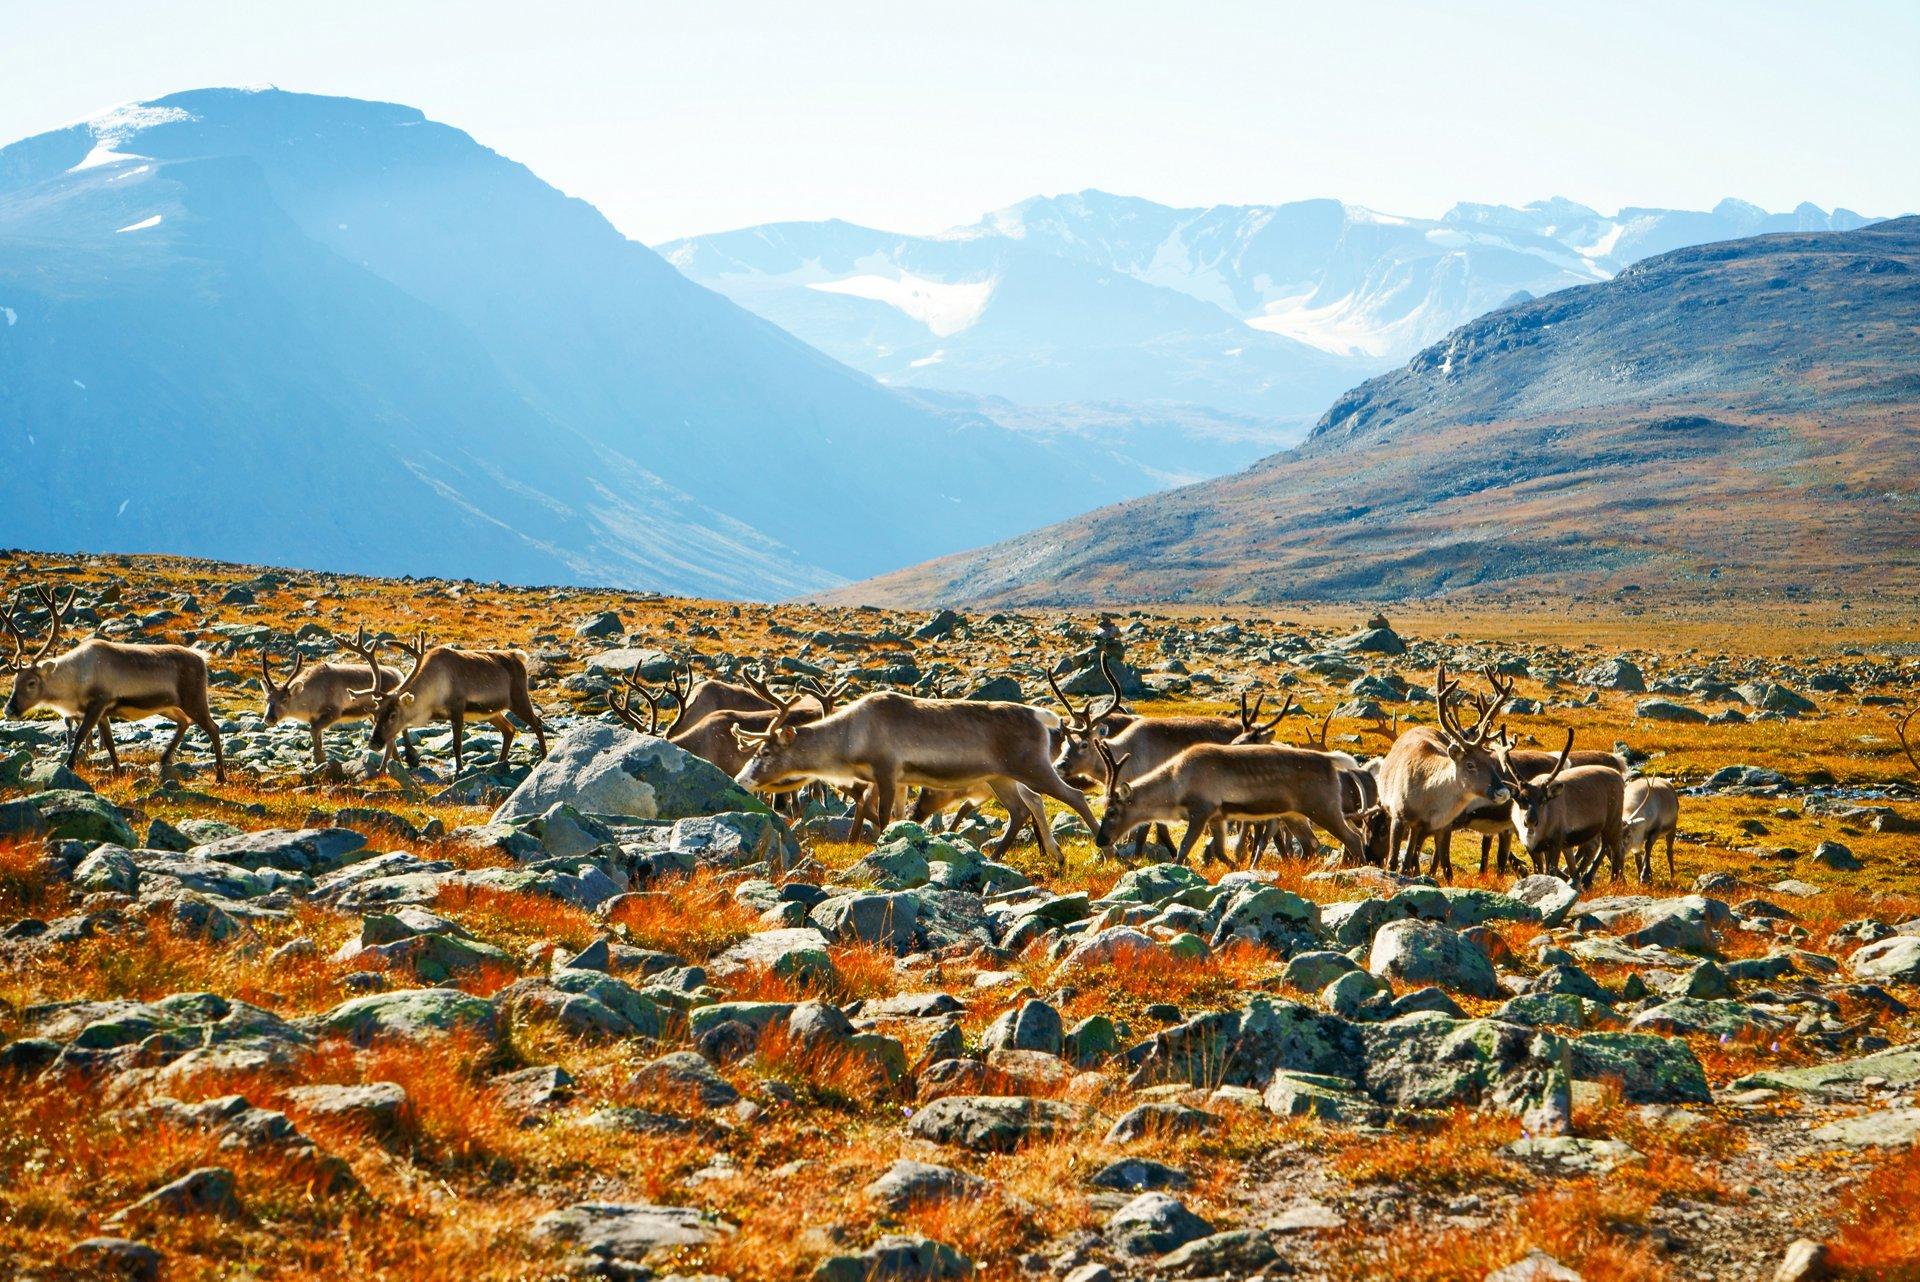 The reindeer shepherd